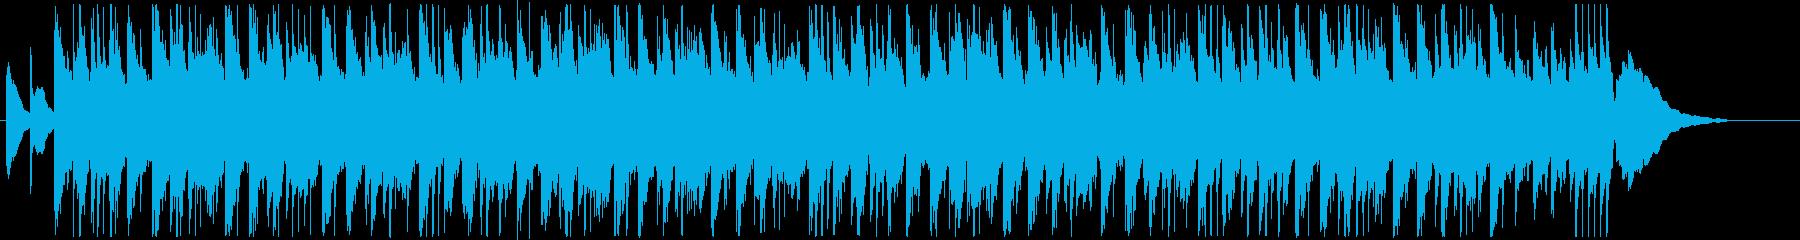 クールな生ピアノとシンセメロ VPやCMの再生済みの波形